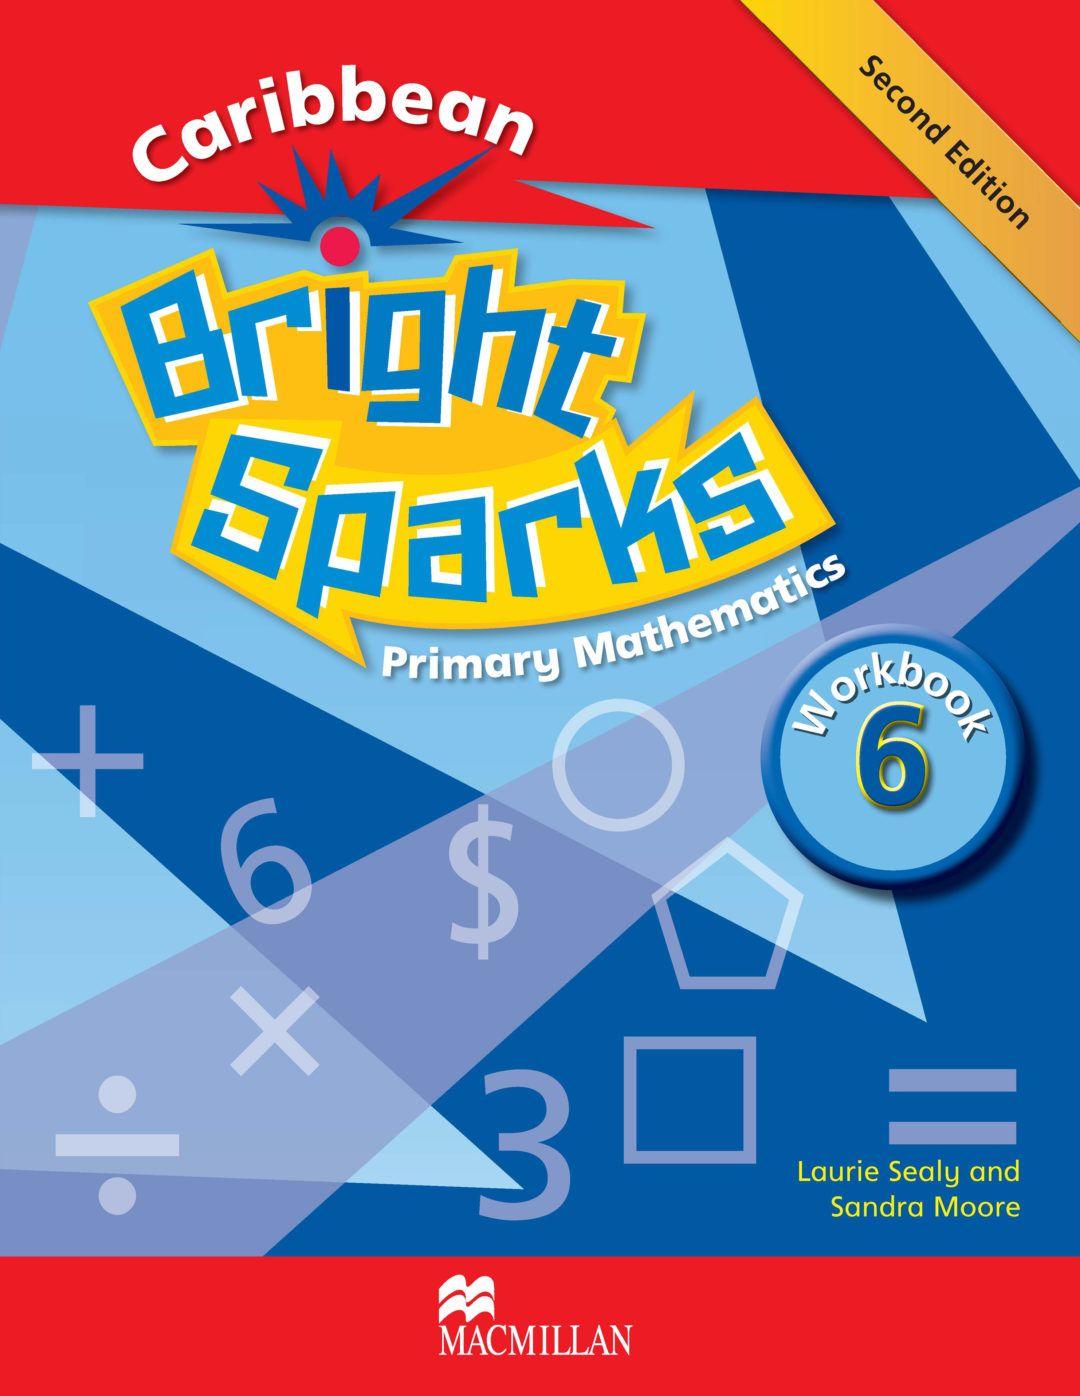 Workbooks primary mathematics workbook : CARIBBEAN BRIGHT SPARKS PRIMARY MATHEMATICS WORKBOOK 6 | School ...